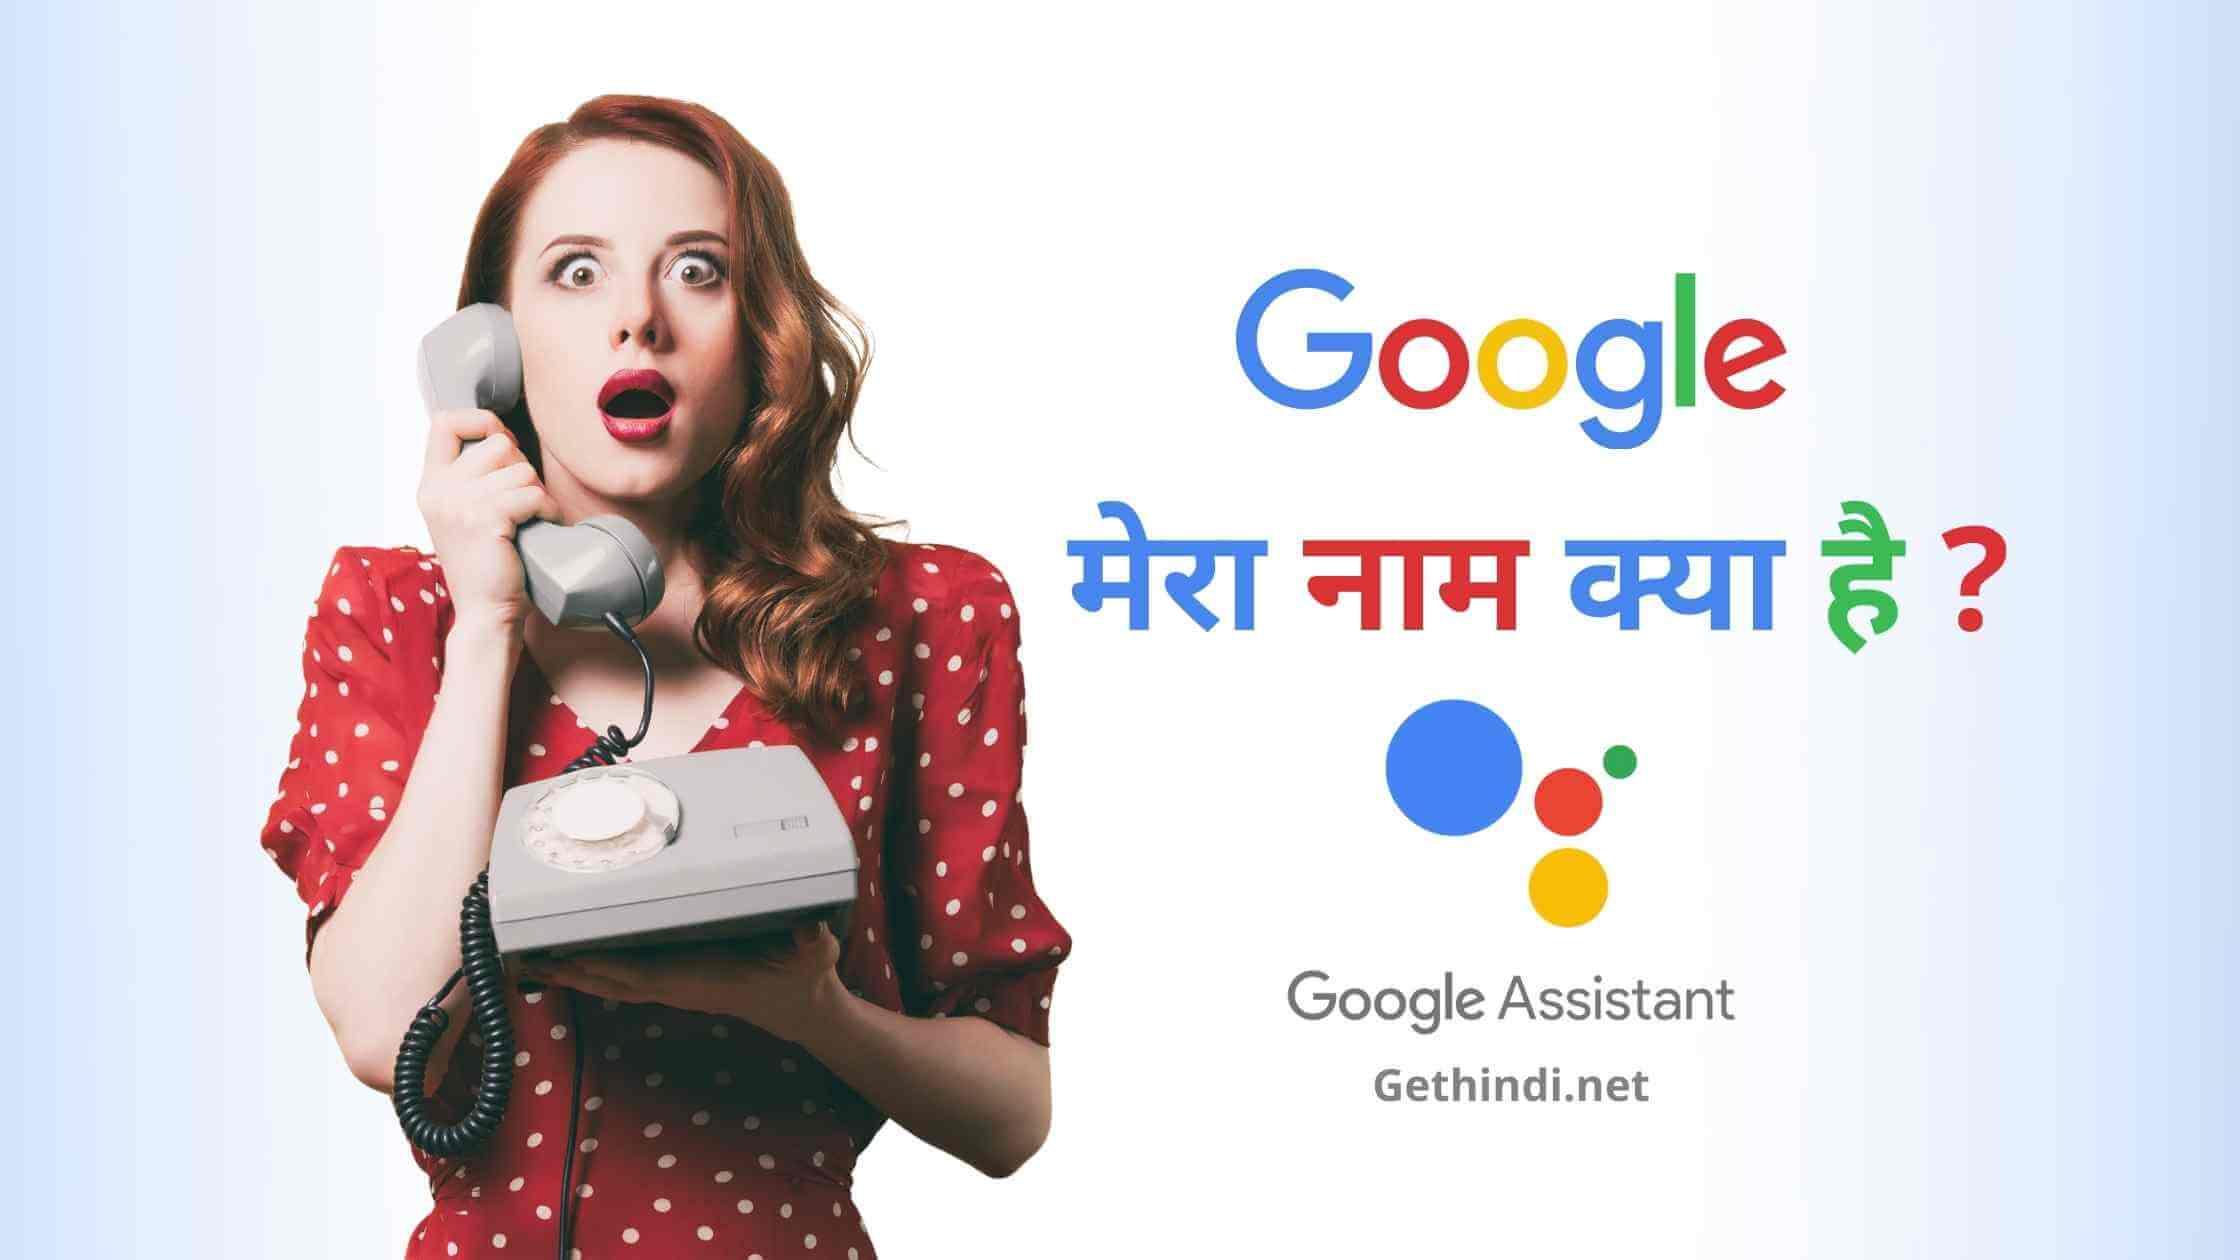 Google मेरा नाम क्या है ? कैसे गूगल आपका नाम बताएगा ?